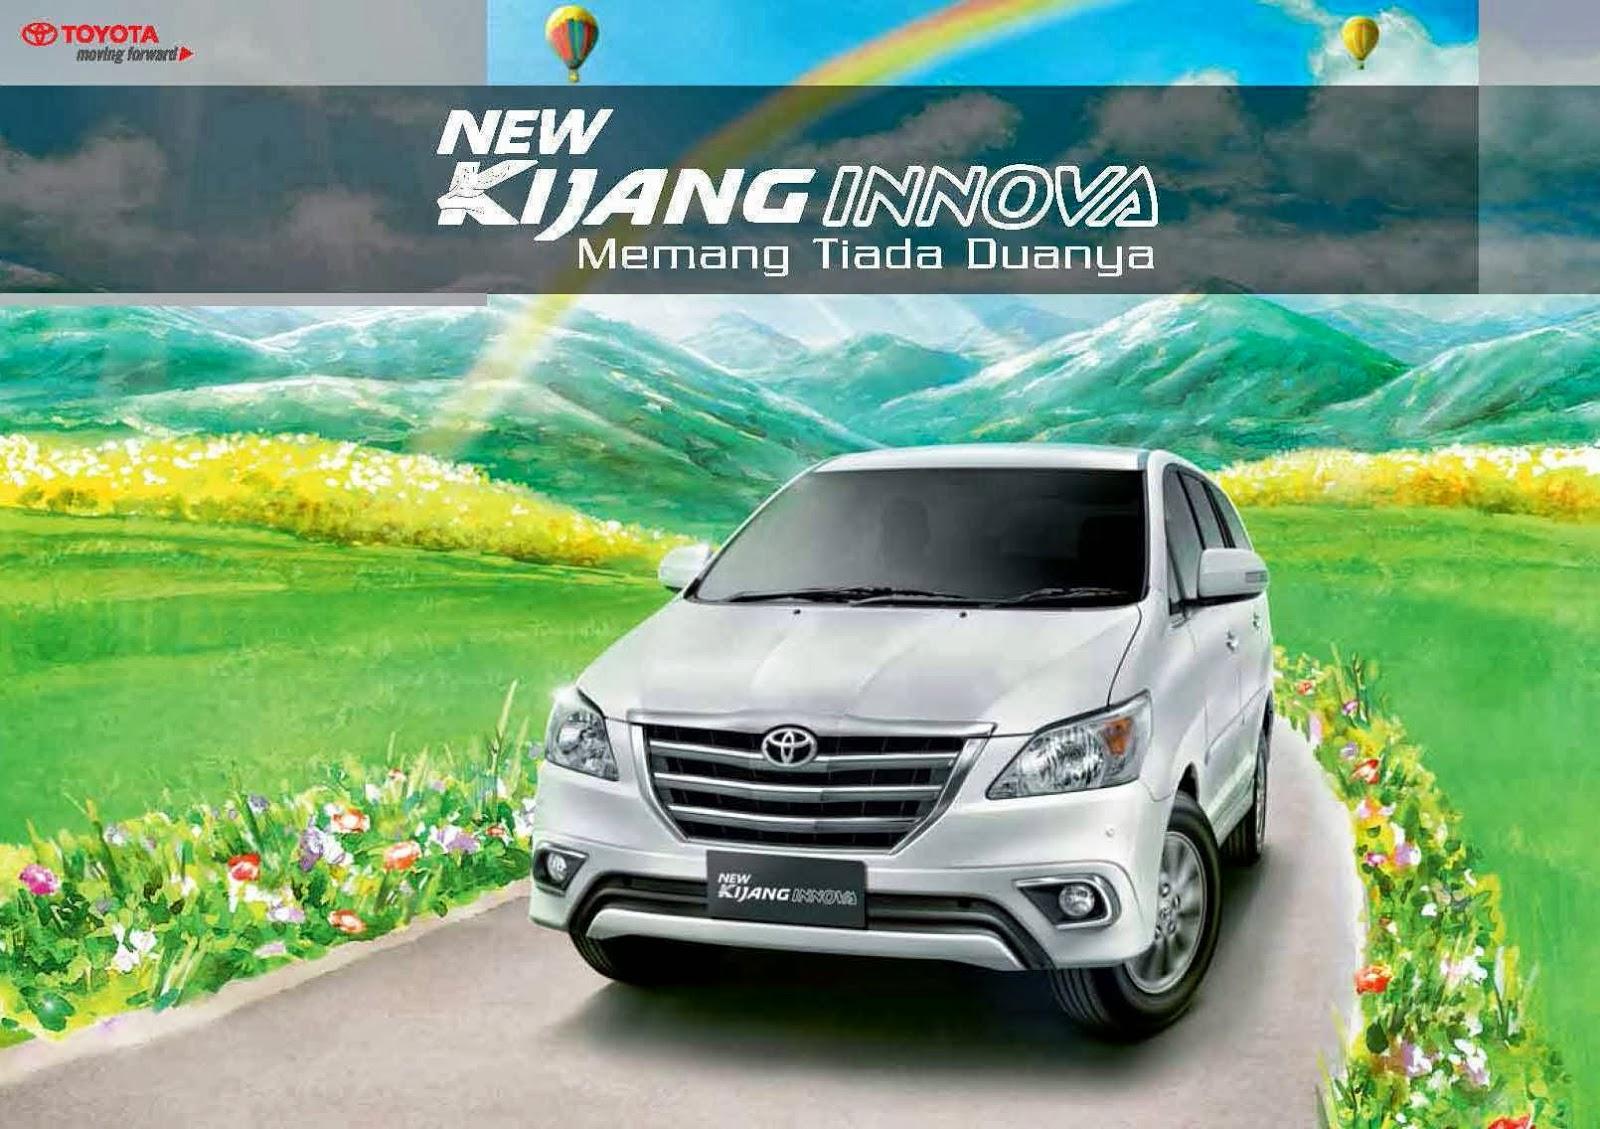 New Kijang Innova Spesifikasi Beda Grand Veloz 1.3 Dan 1.5 Brosur Toyota 2016 Grill Harga